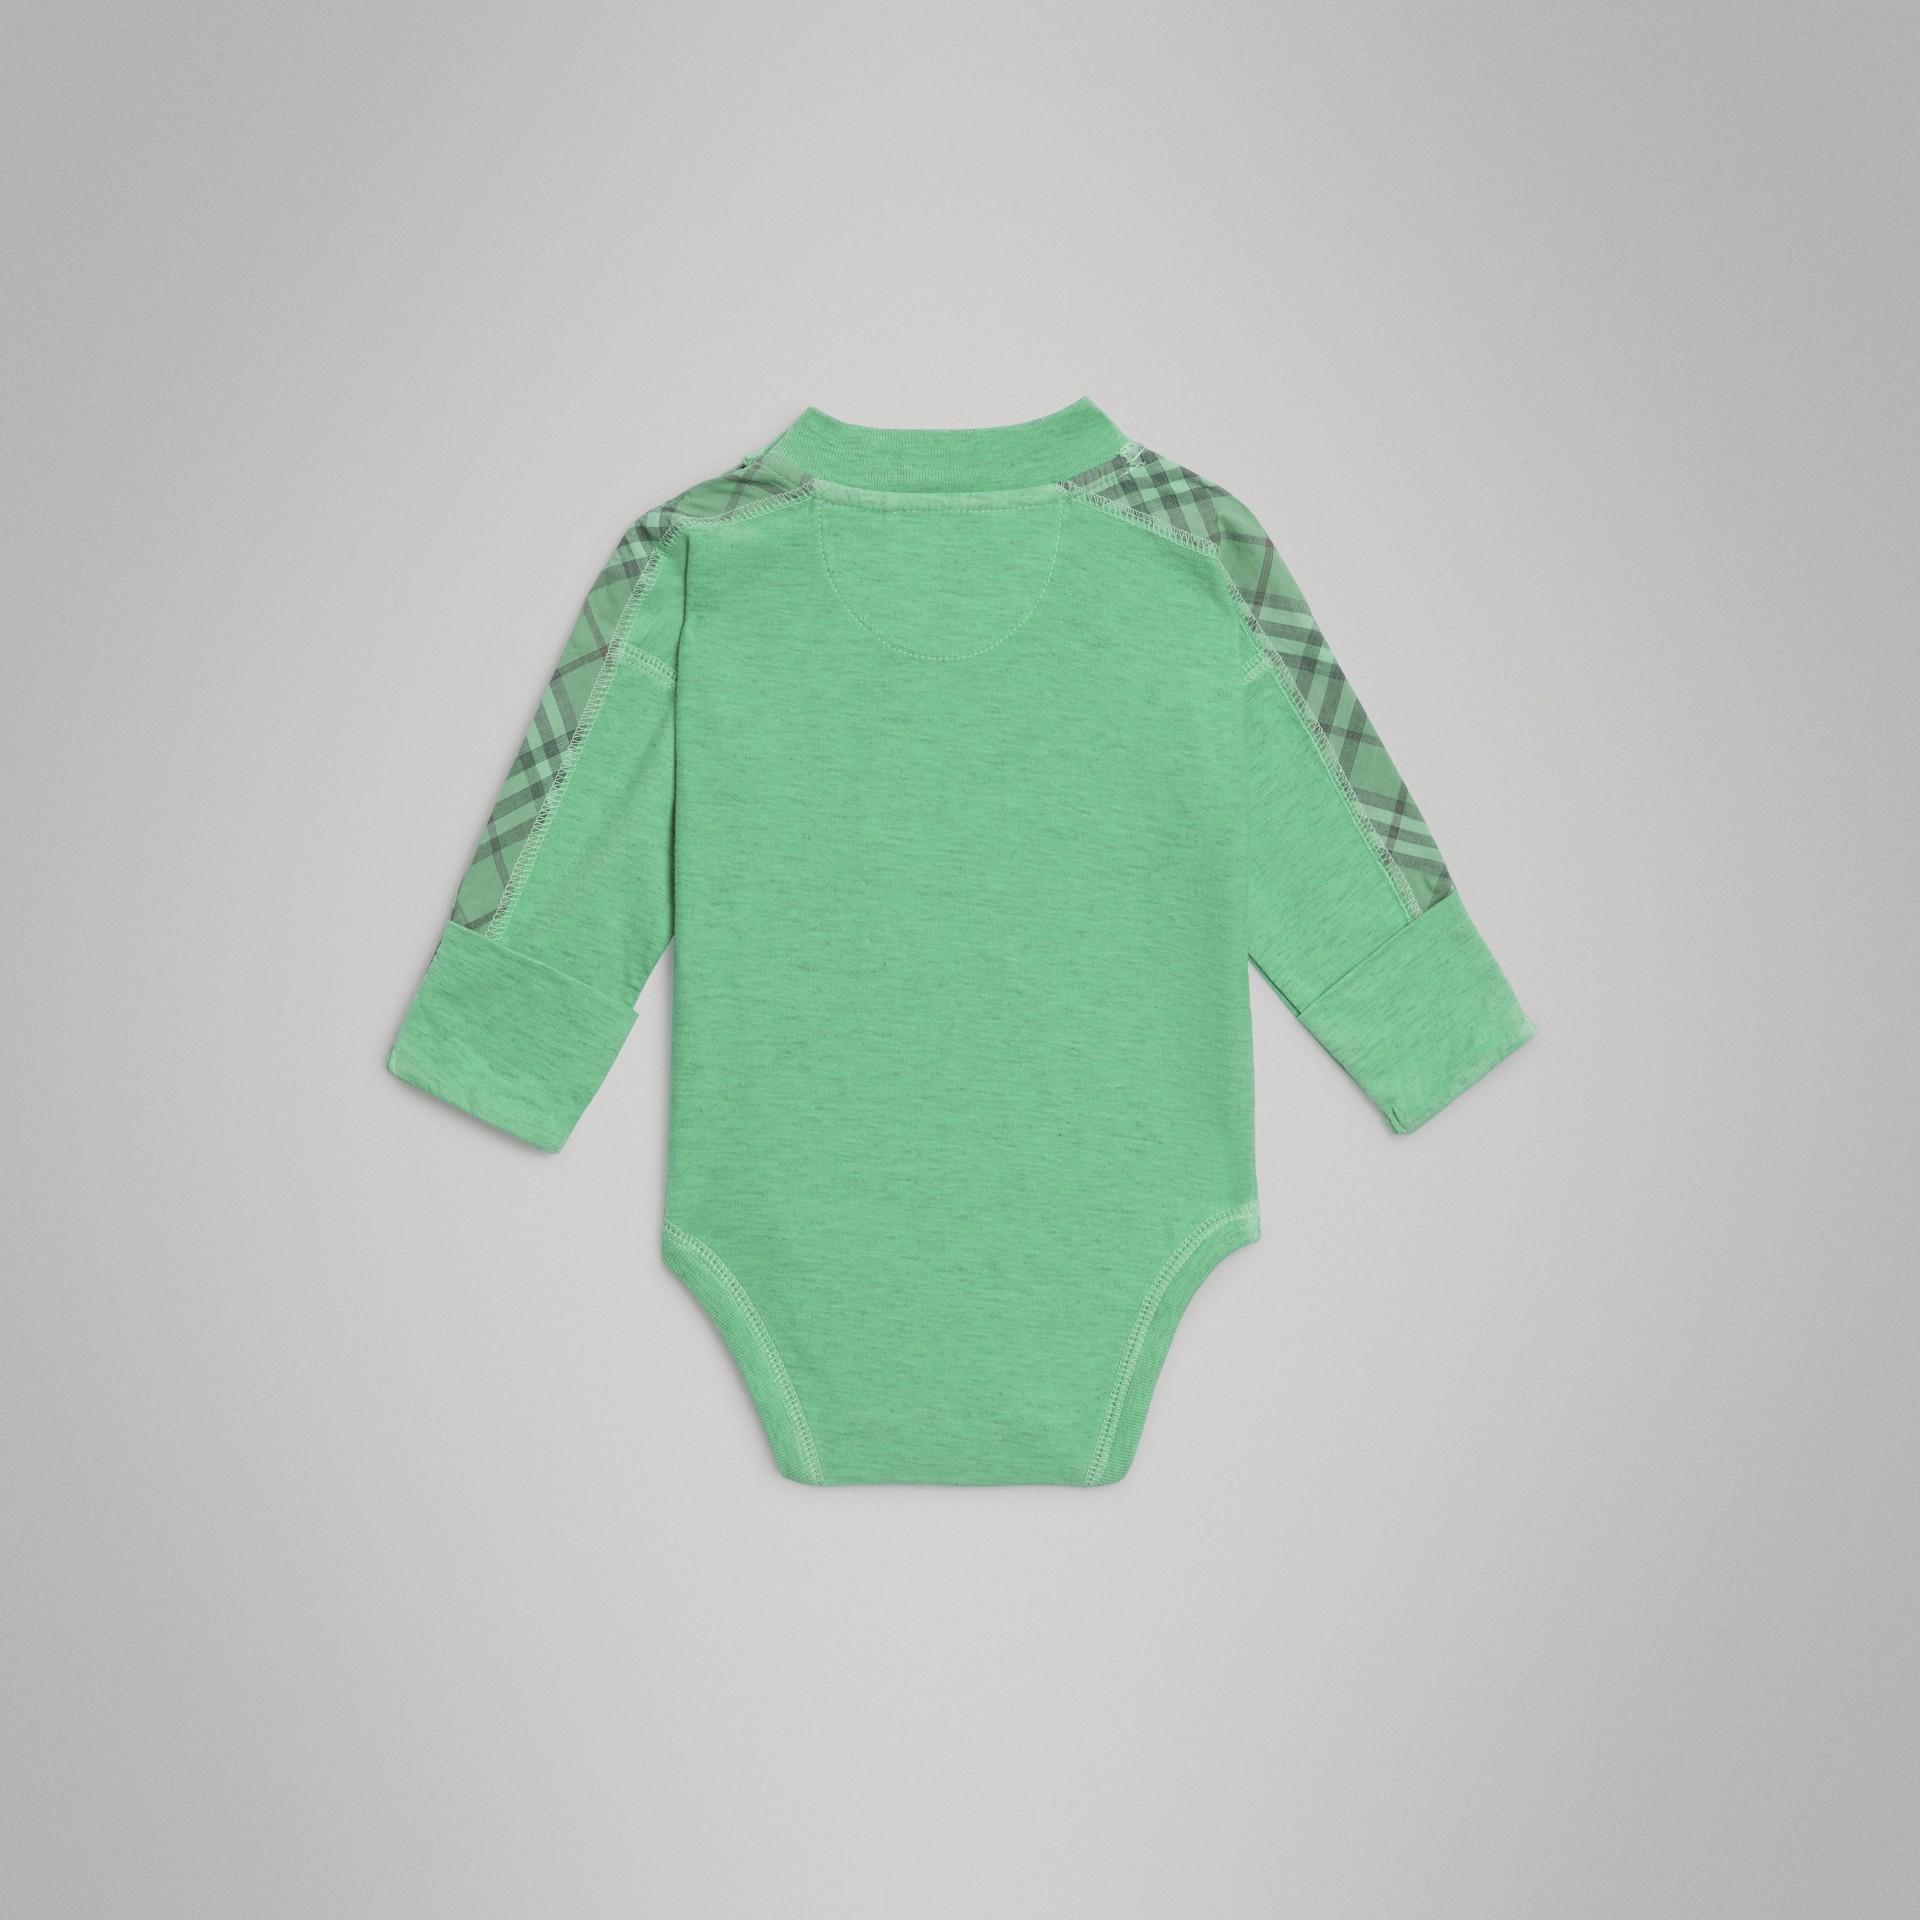 Gift set para bebê de três peças de algodão com detalhe xadrez (Multicolorido) - Crianças | Burberry - galeria de imagens 6